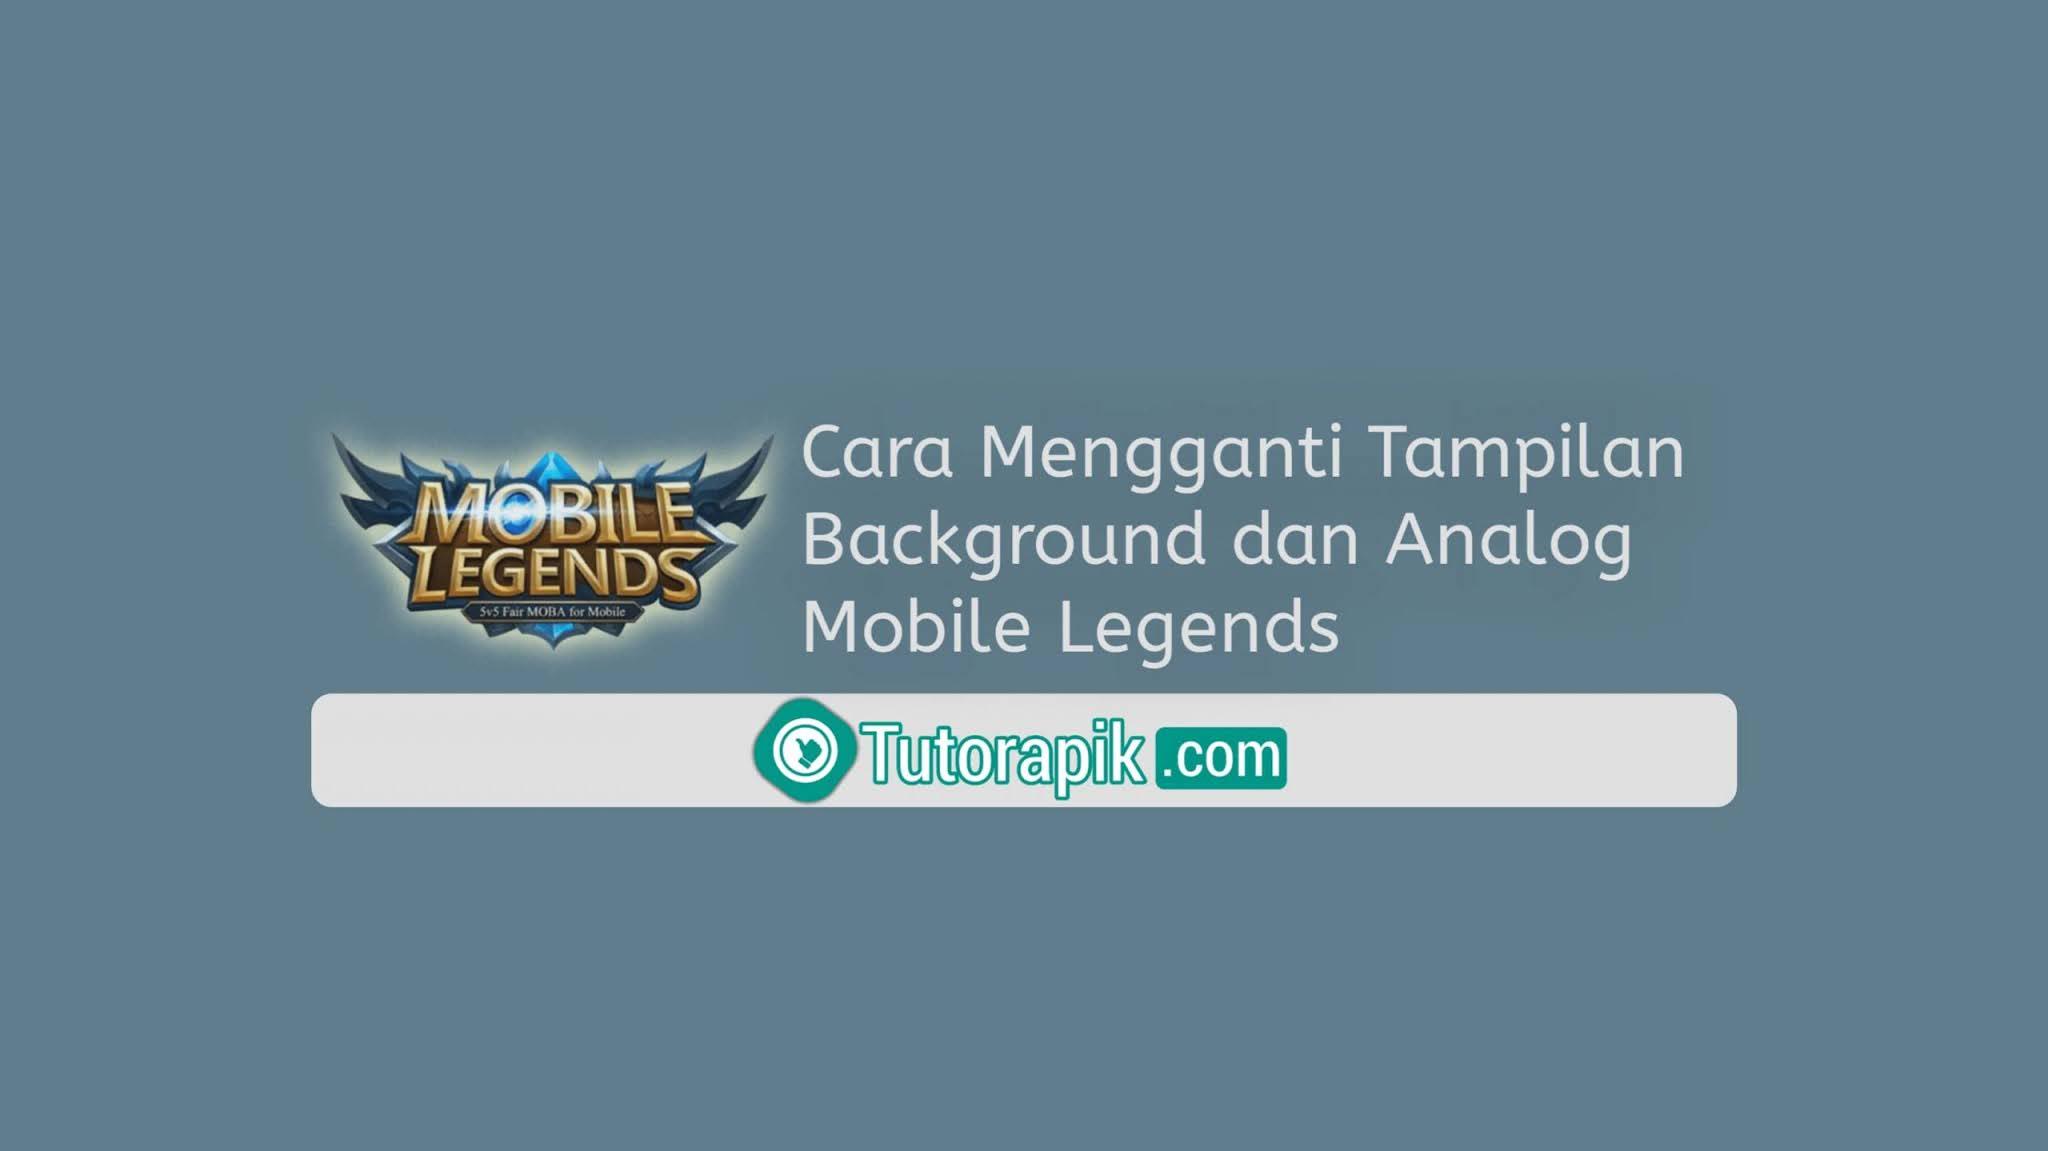 Cara Mengganti Tampilan Background dan Analog Mobile Legends 2021 Terbaru